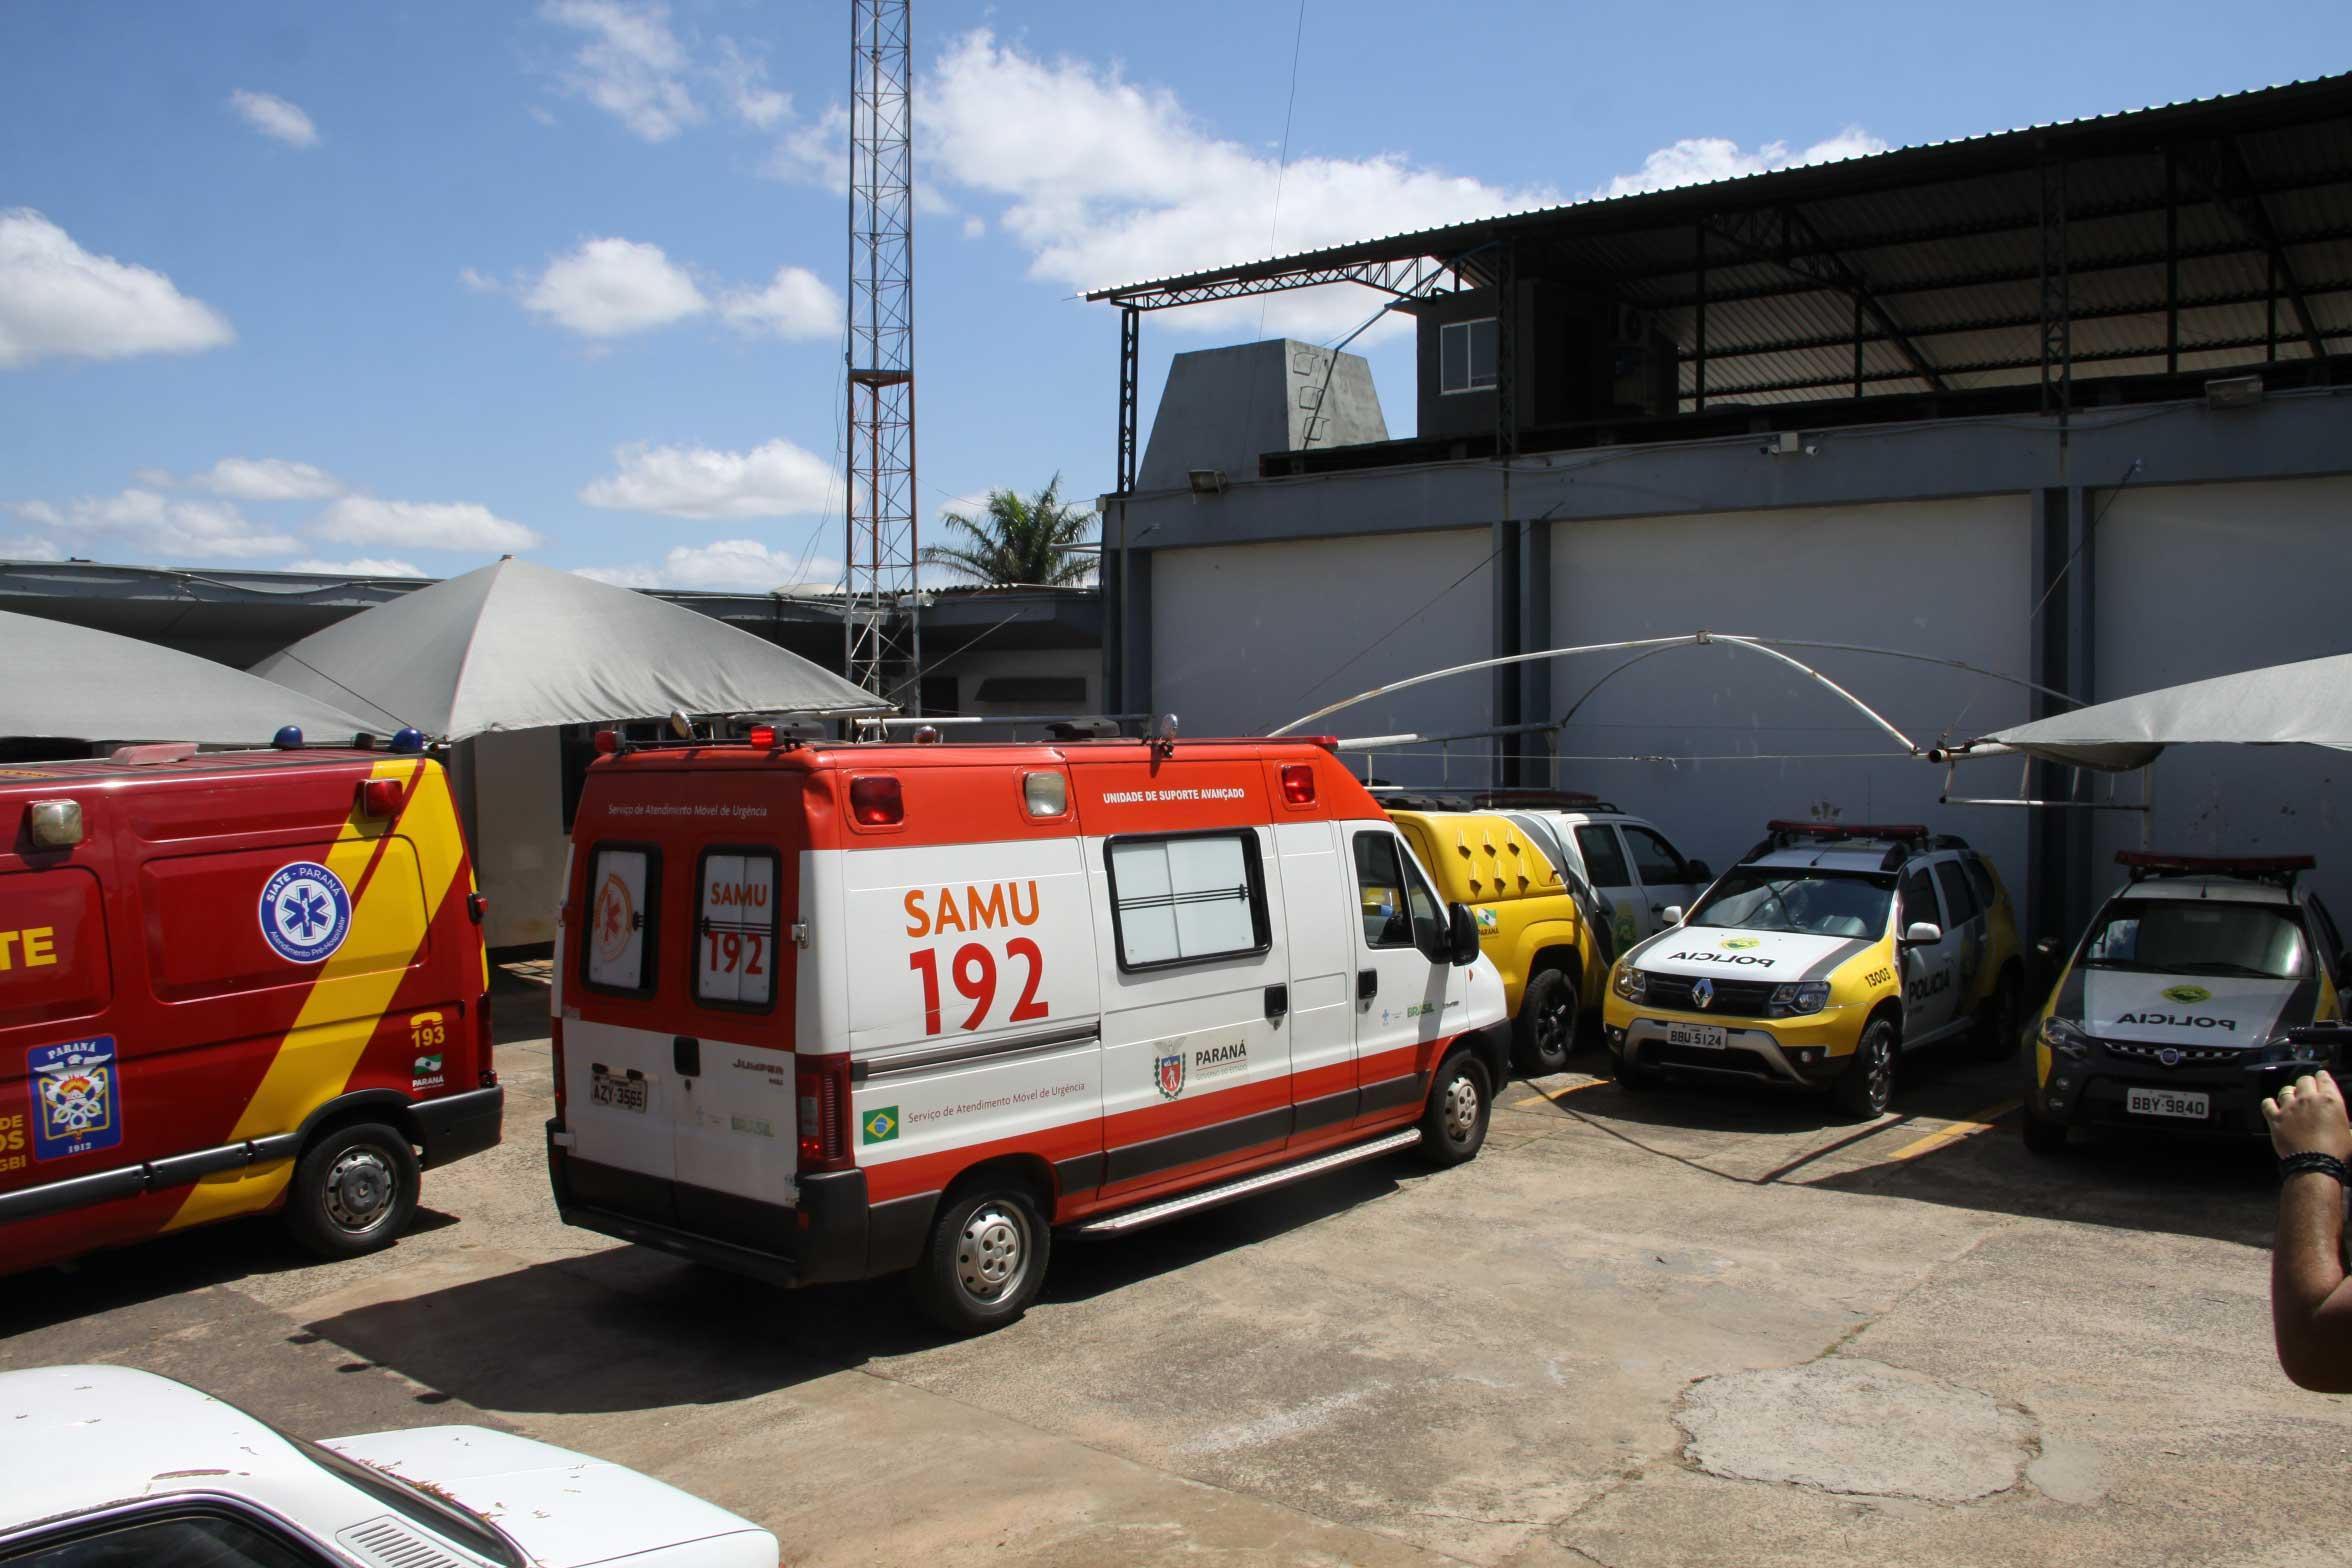 Detento foi morto dentro da cadeia de Umuarama. Familiares e polícia afirmam que não havia ameaças anunciadas